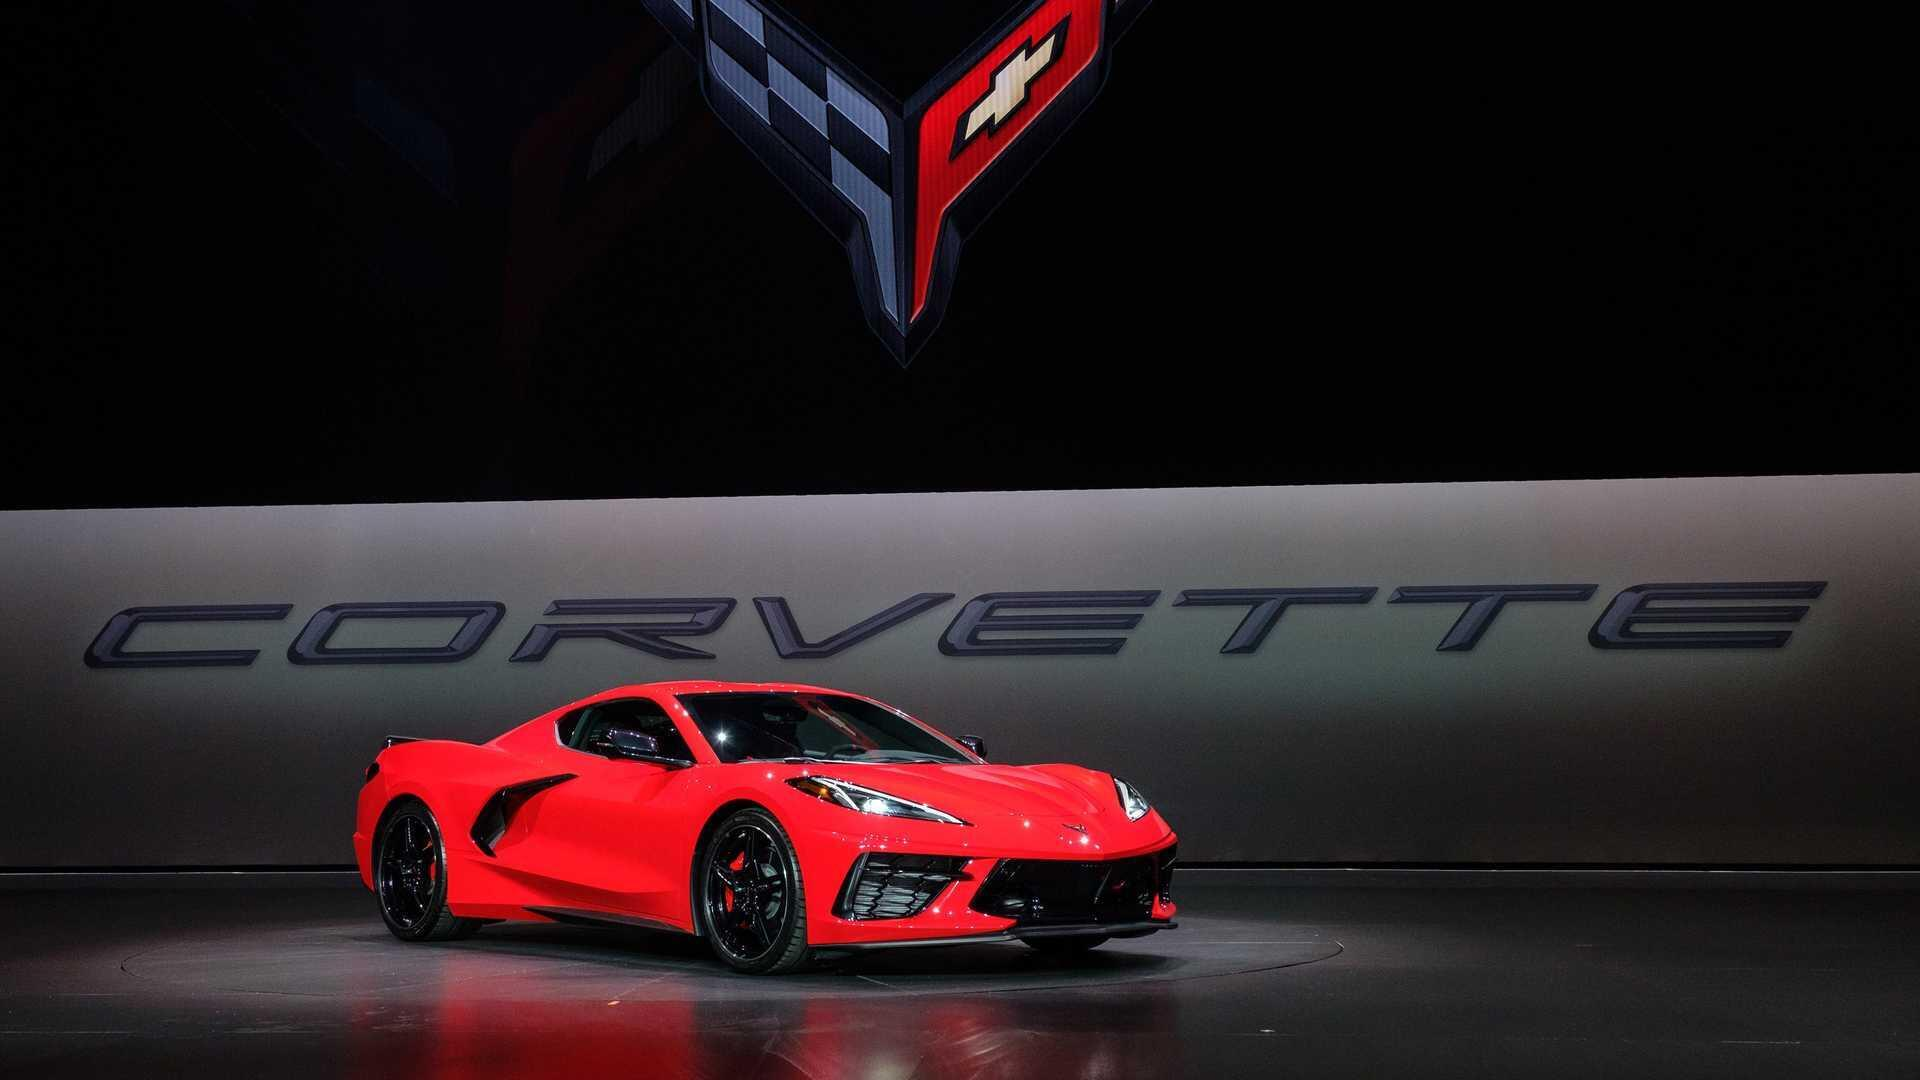 https://cdn.dailyxe.com.vn/image/chevrolet-corvette-2020-co-mot-so-tinh-nang-an-tuyet-voi-10-94514j2.jpg